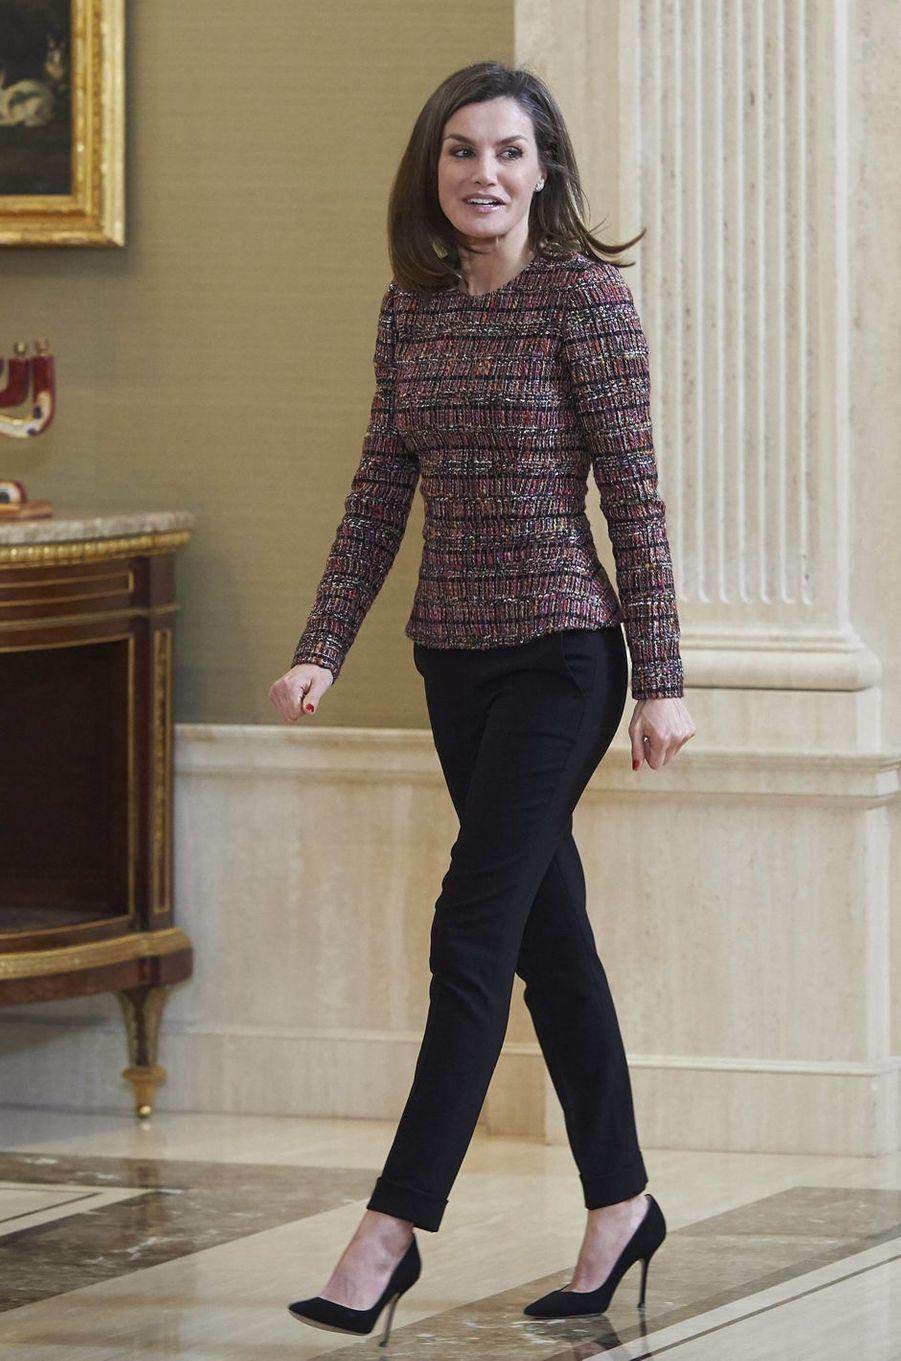 La reine Letizia d'Espagne à Madrid, le 27 février 2018